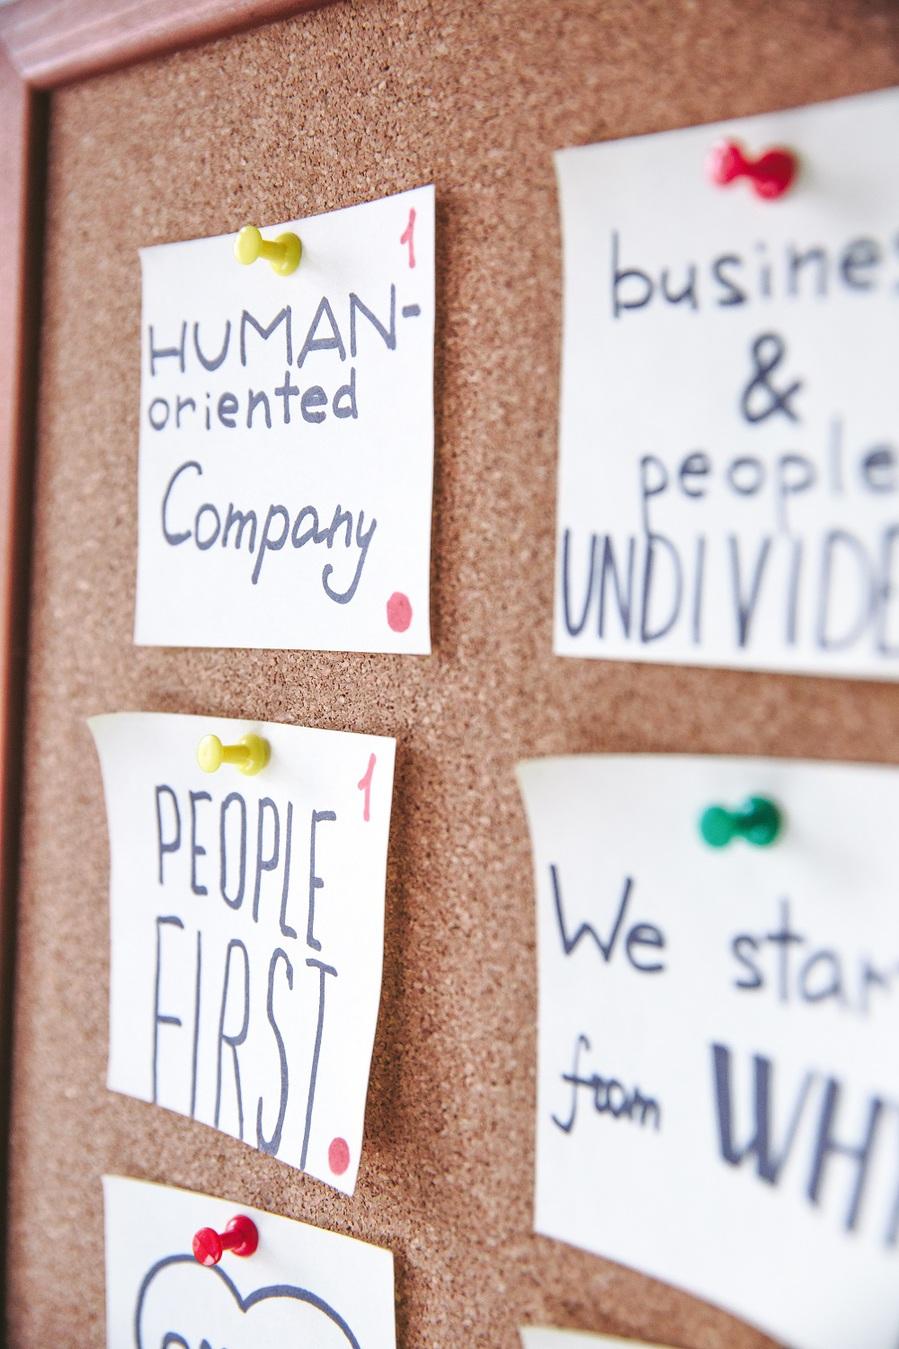 notas estratégicas da empresa fixadas num quadro